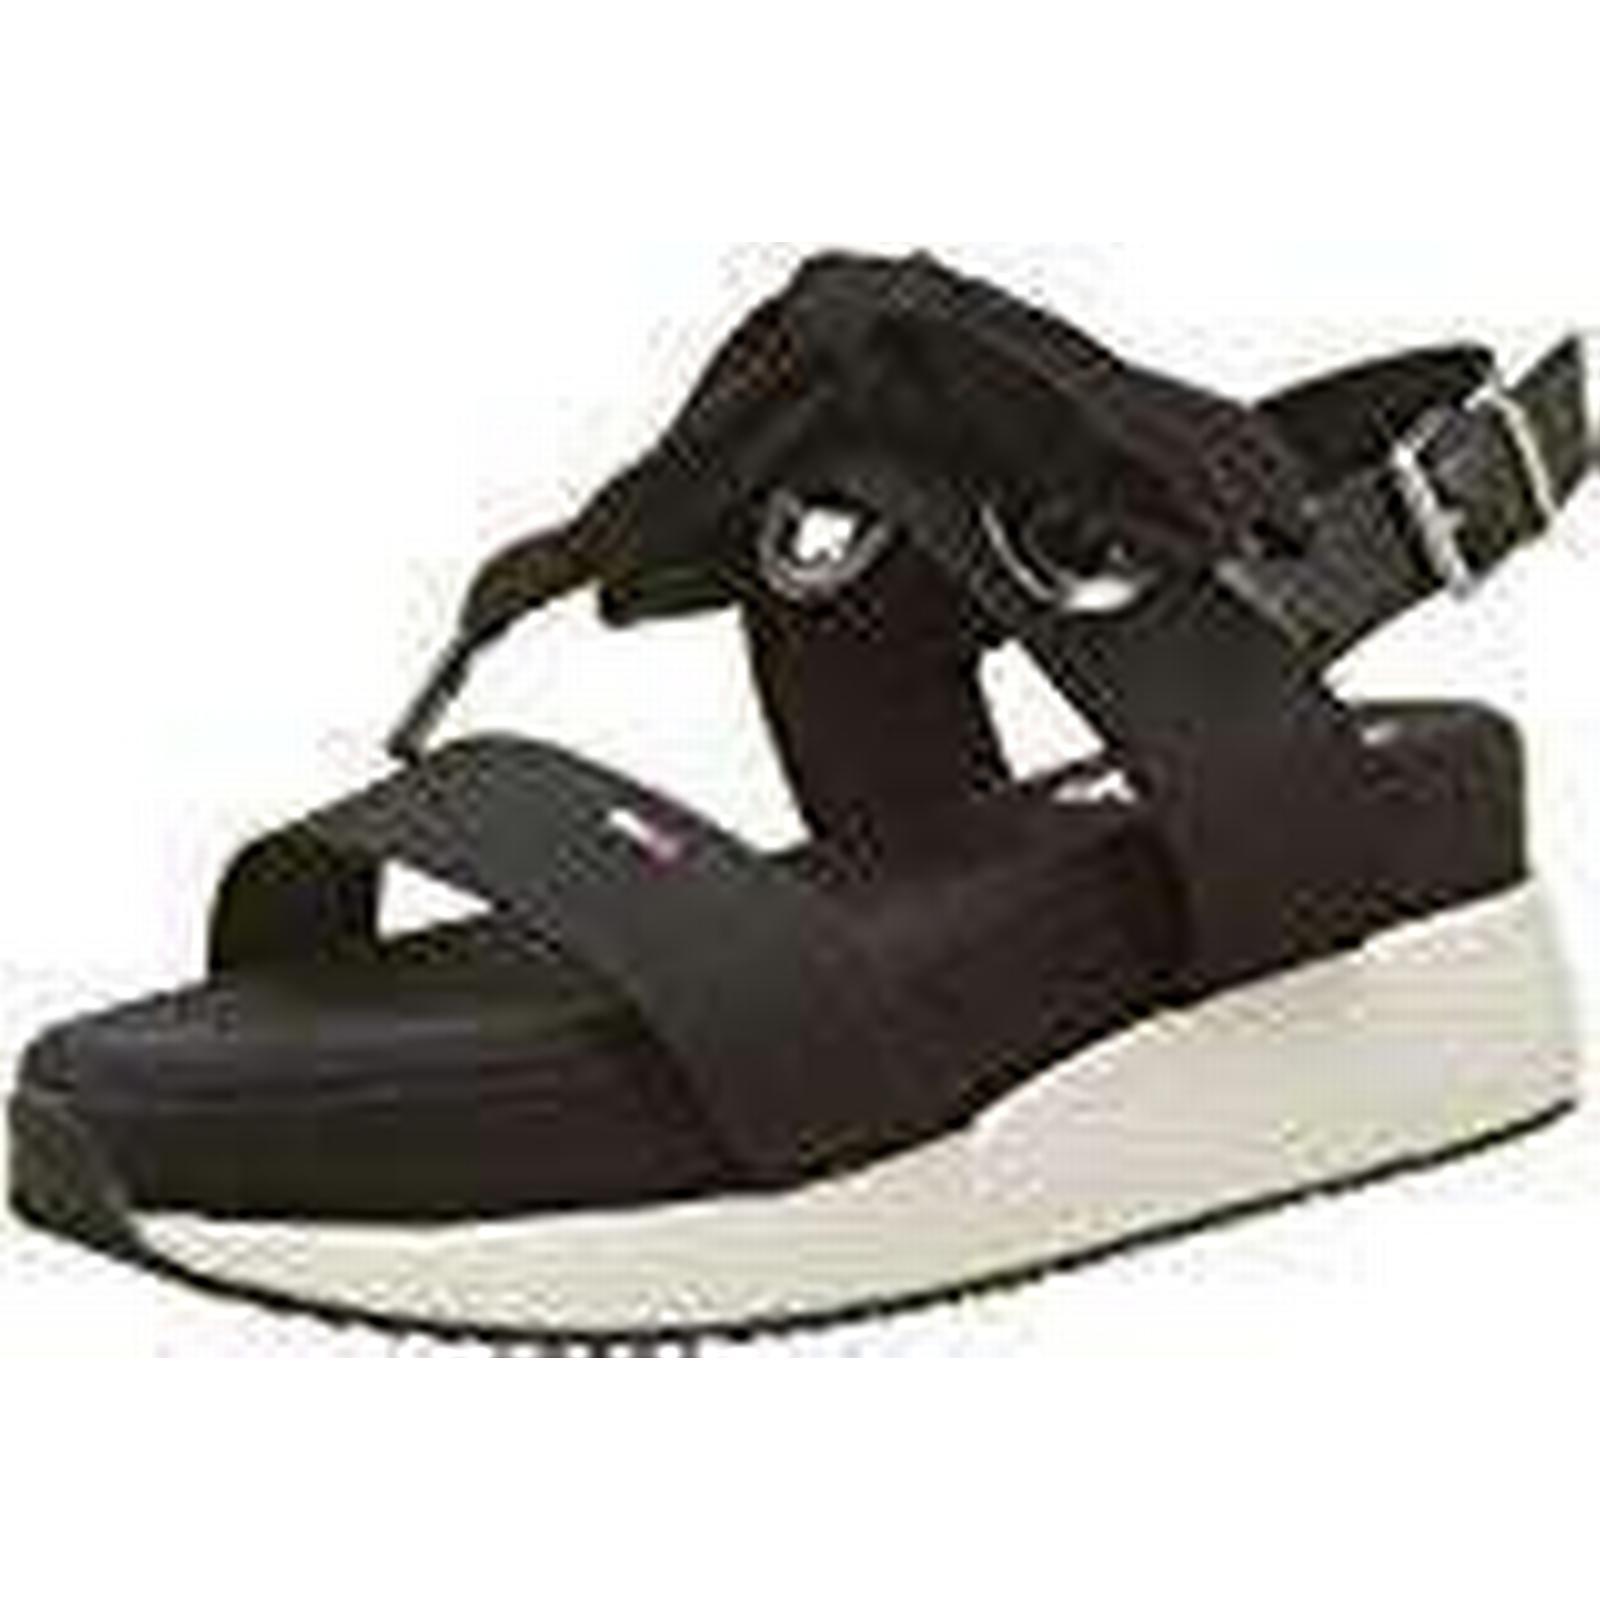 Tommy Jeans Hybrid Hilfiger Denim Women's Modern Hybrid Jeans Sandal Bow Sling Back (Black 990), 5 UK 5 UK 5bd145